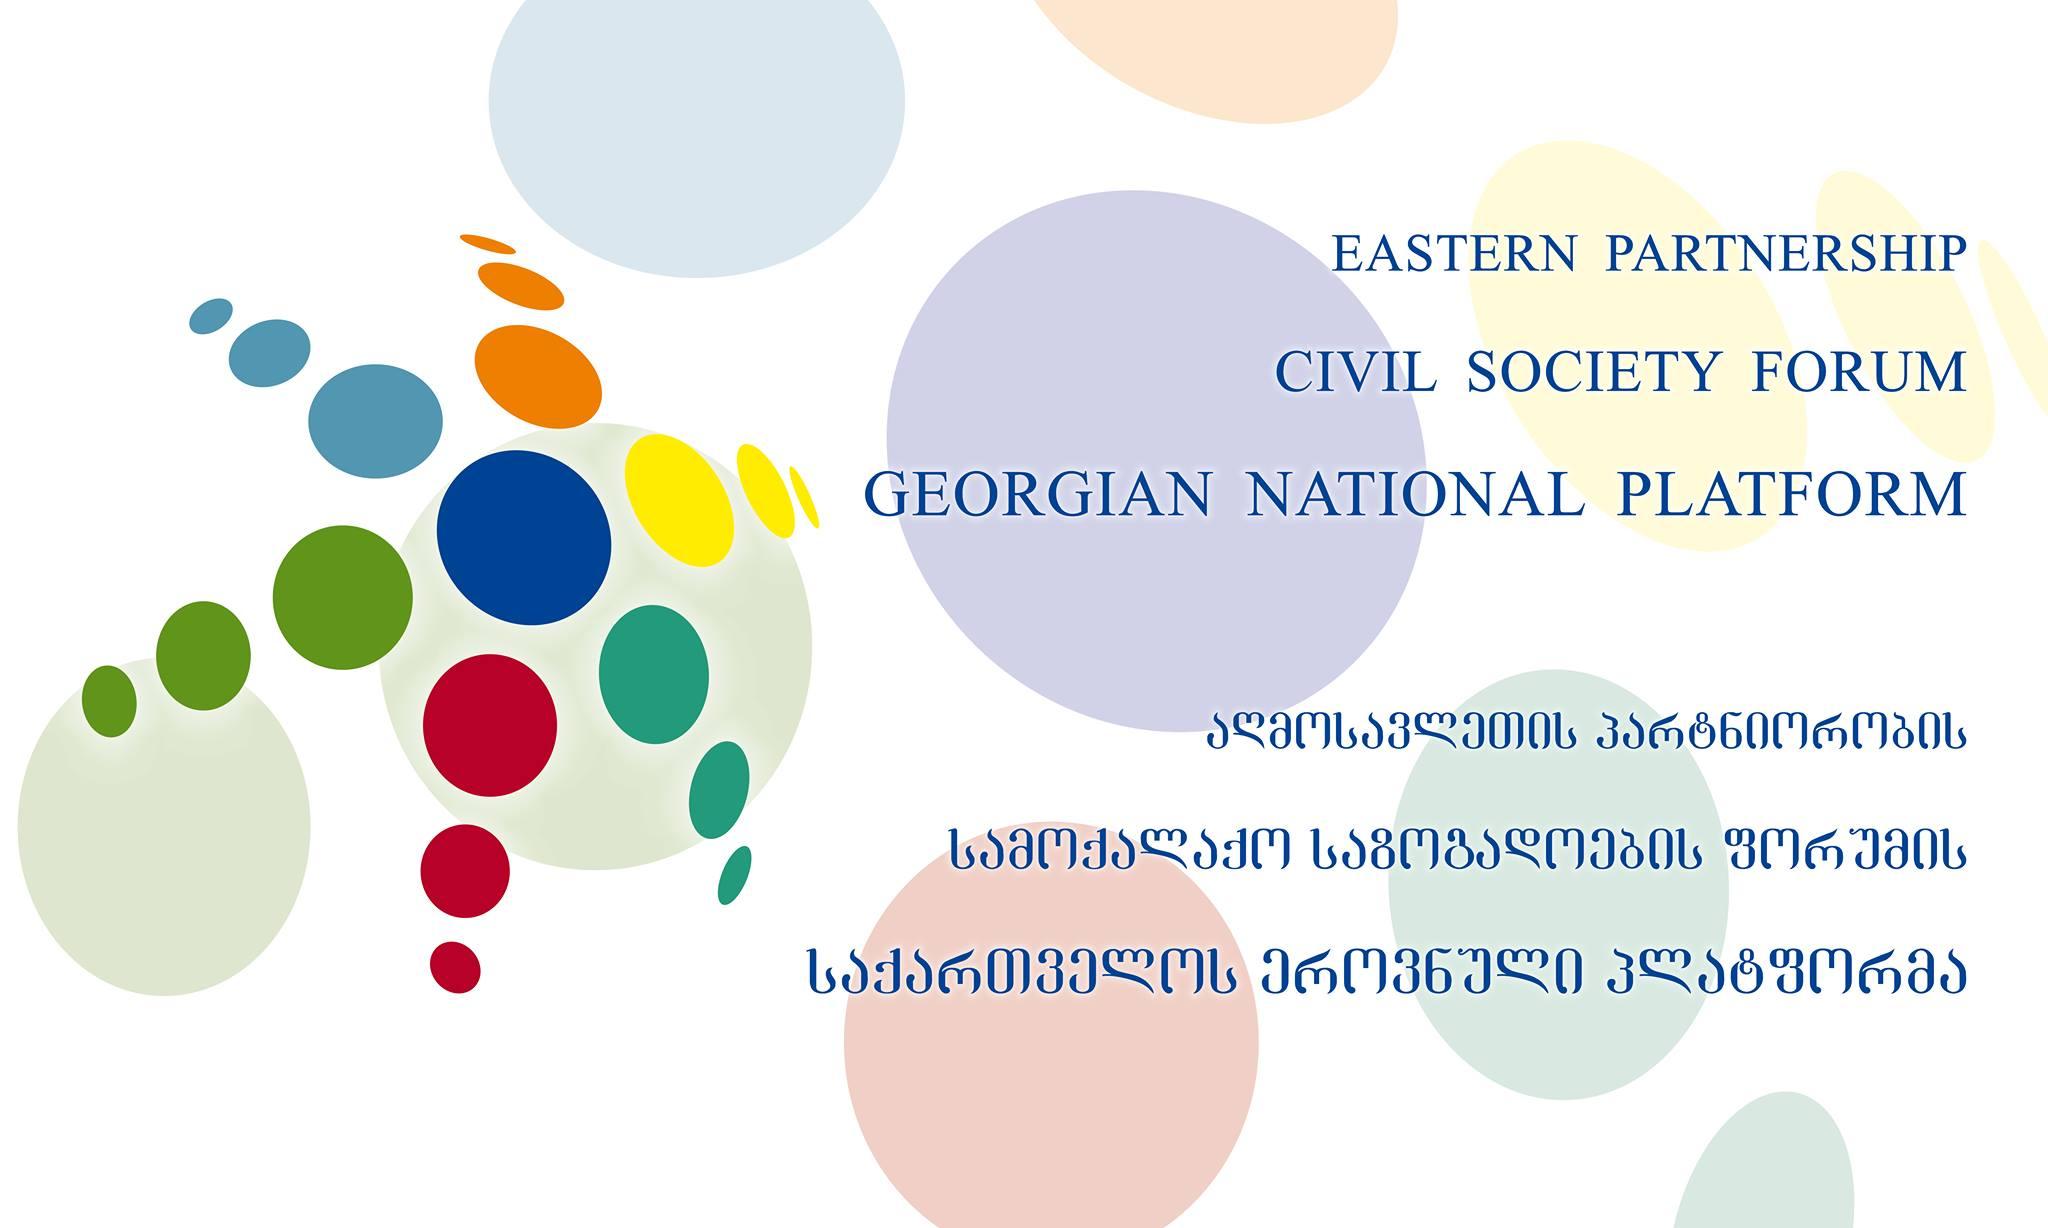 აღმოსავლეთ პარტნიორობის სამოქალაქო საზოგადოების ფორუმის საქართველოს ეროვნული პლატფორმის განცხადება